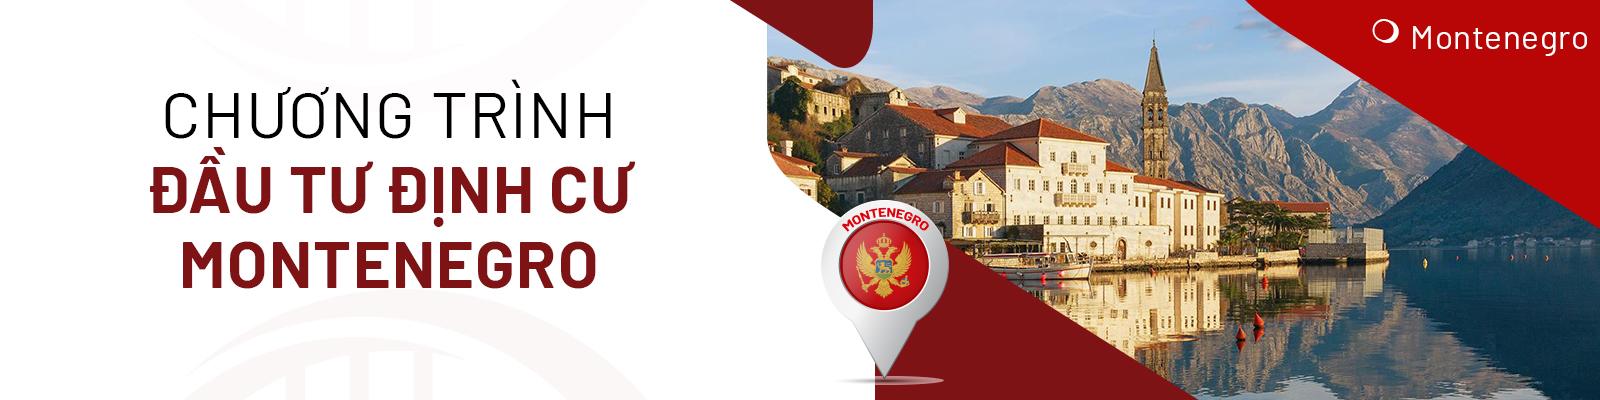 Chương trình Định cư Montenegro